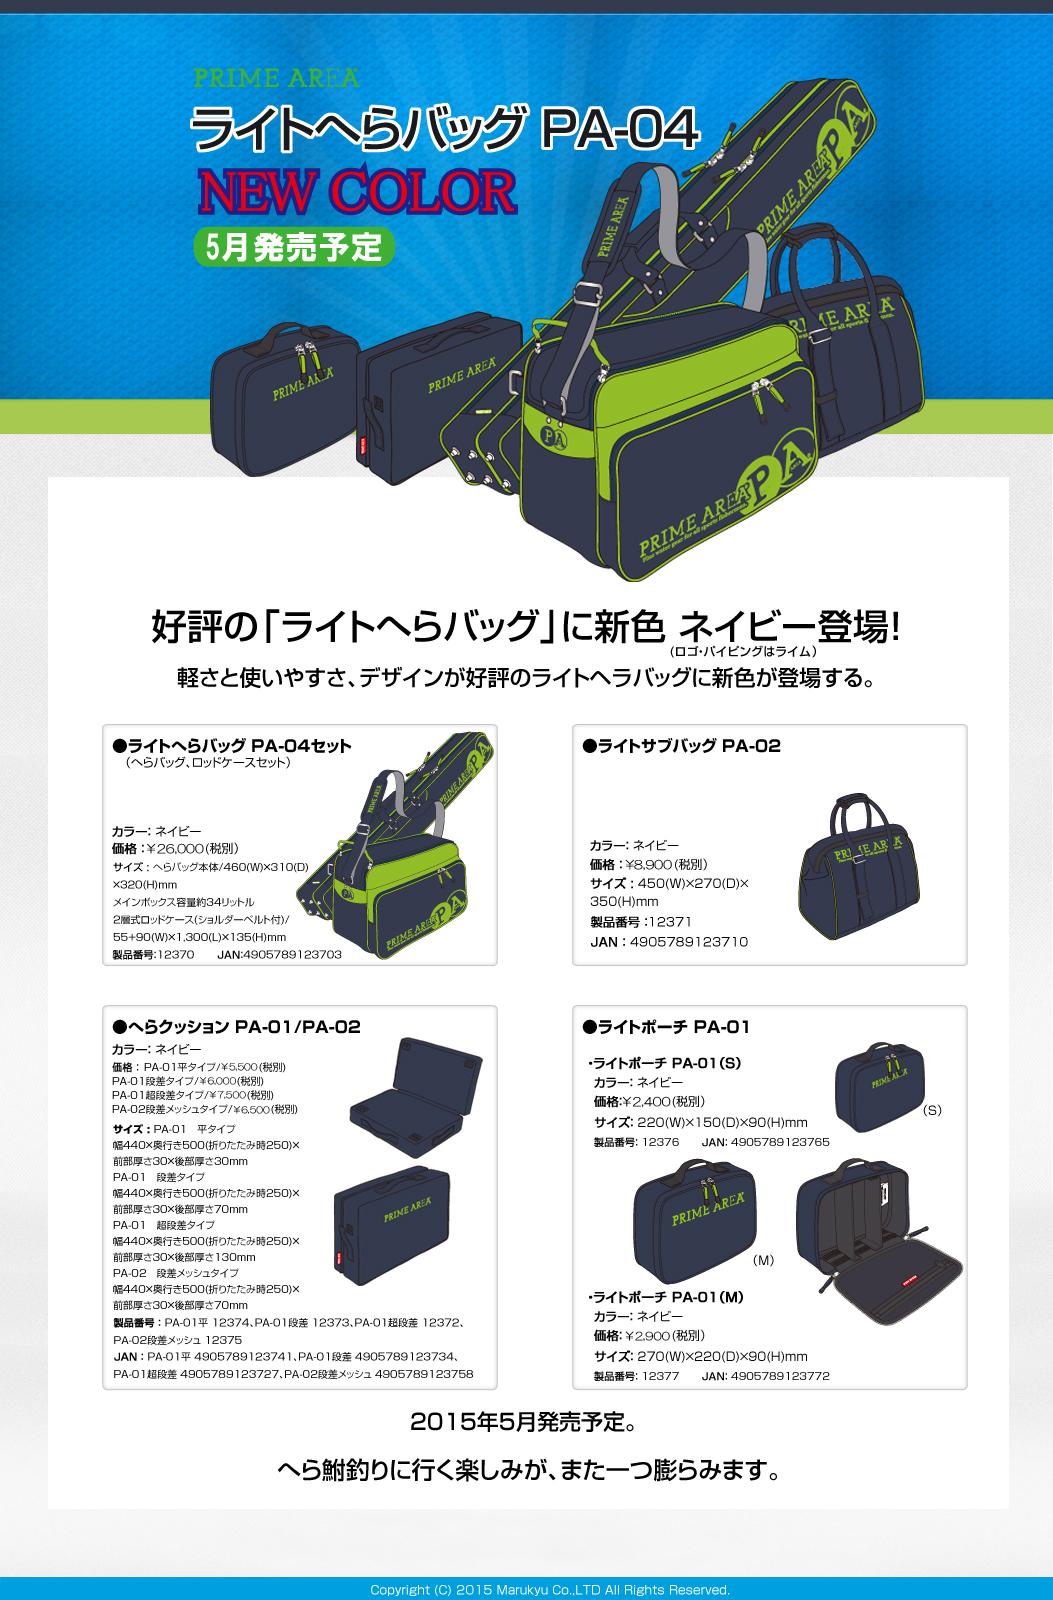 marukyu primearea ライトヘラバッグセット PA-04